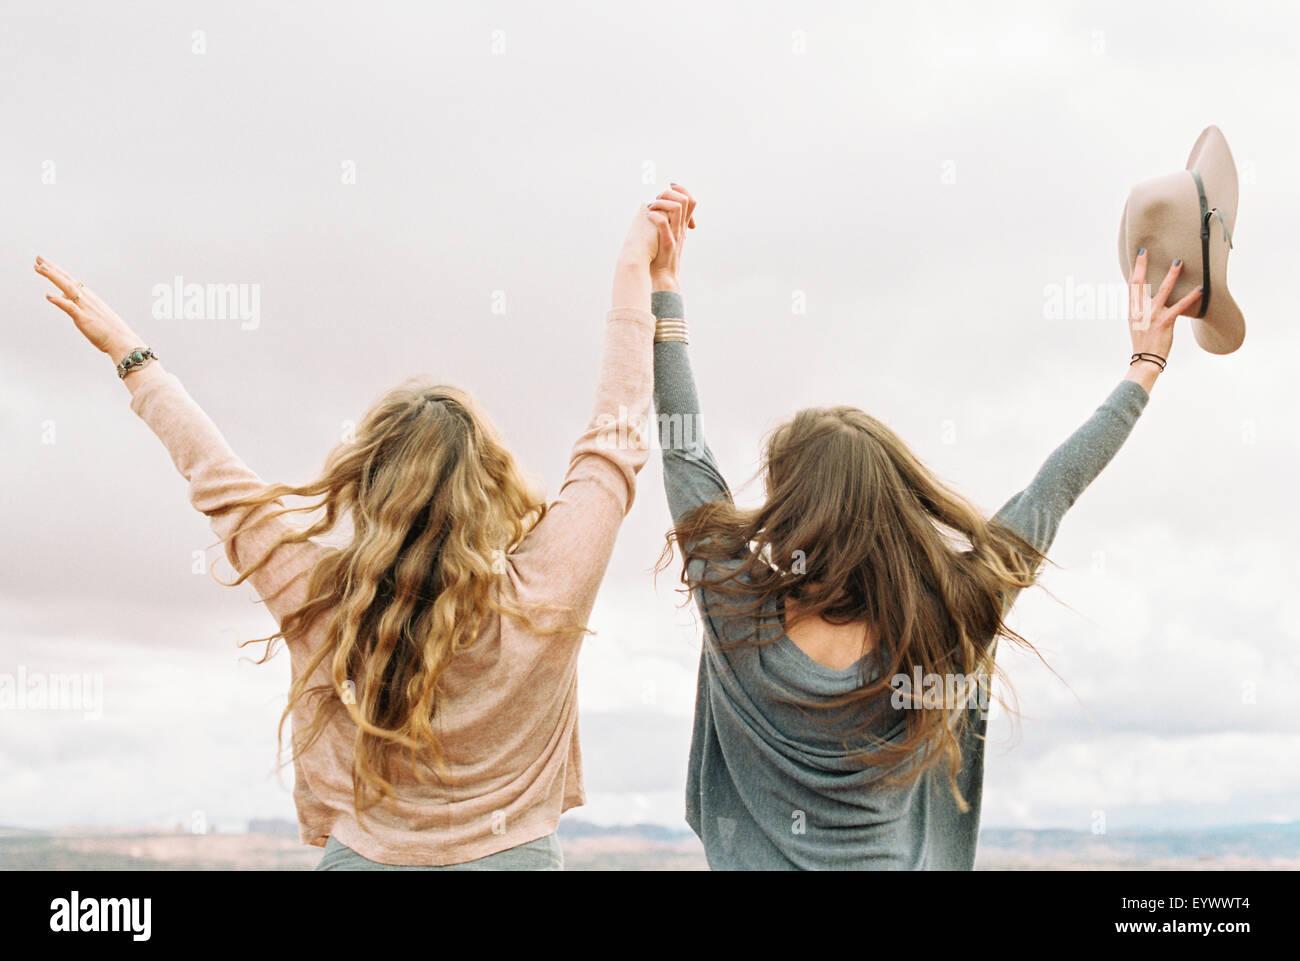 Dos mujeres con sus brazos levantados hacia arriba en el aire. Imagen De Stock